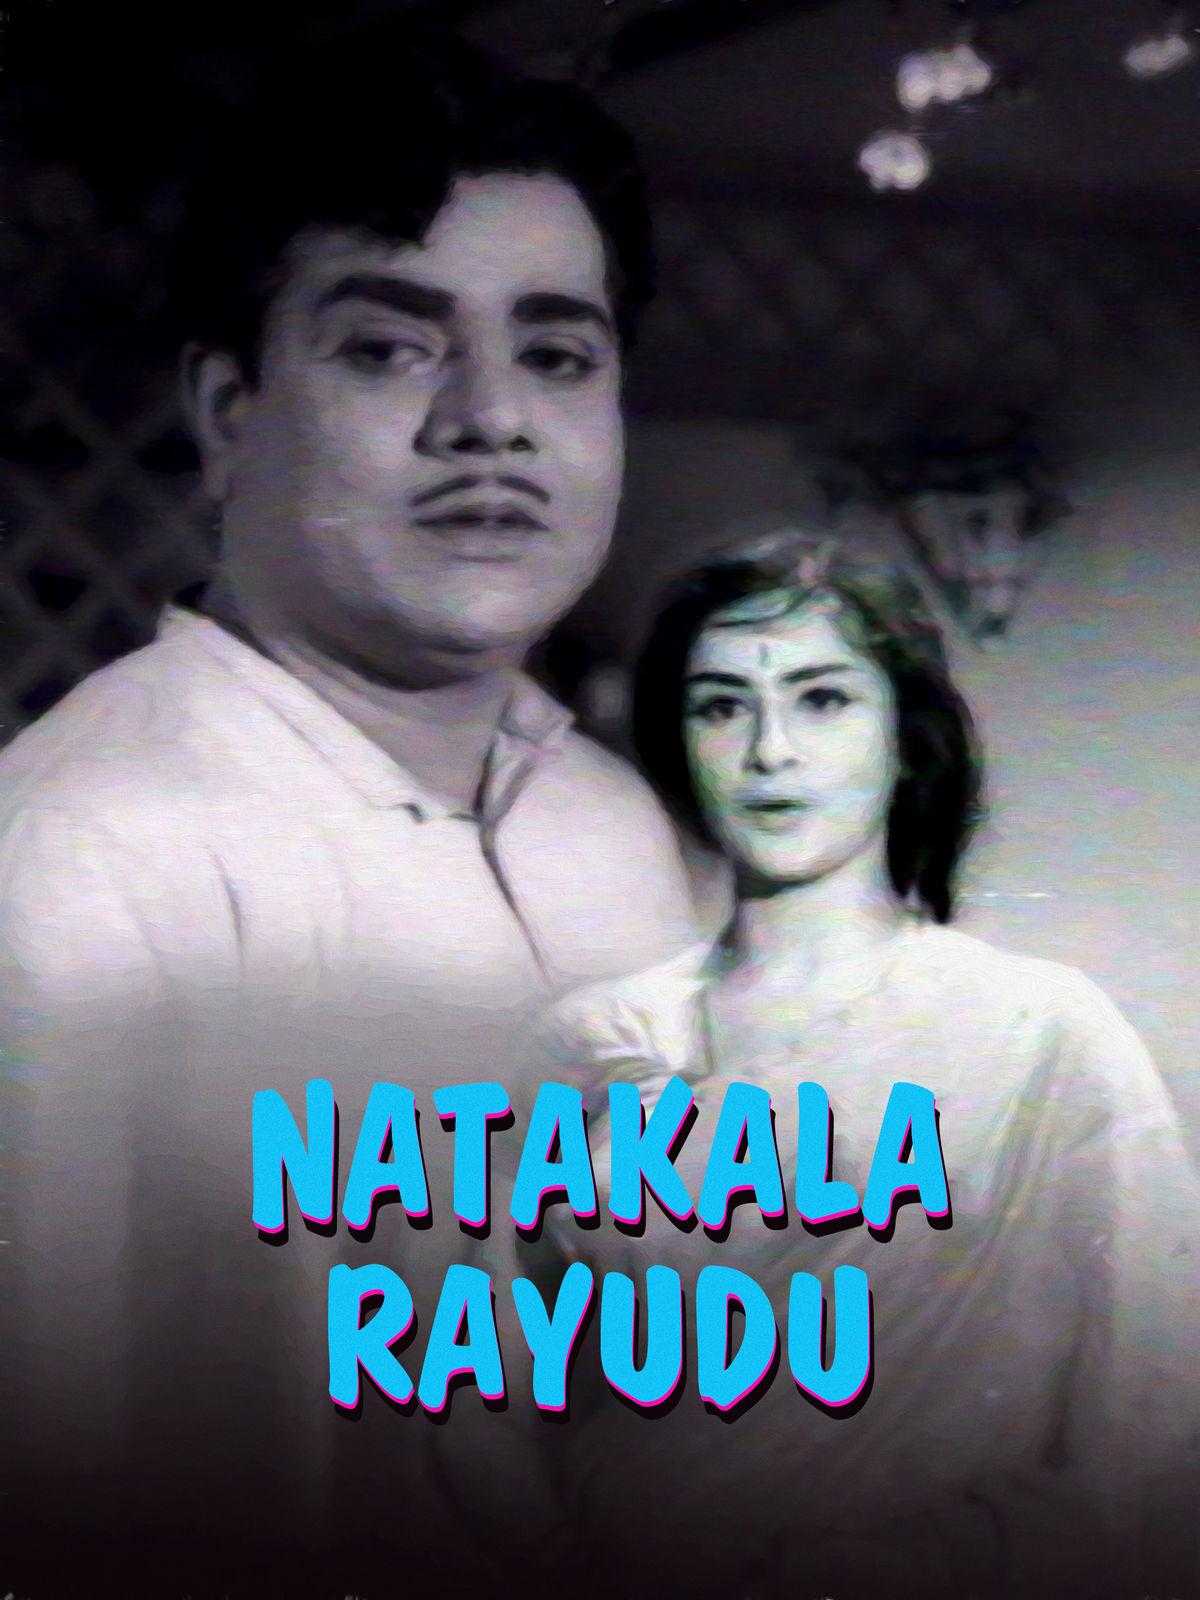 Nagabhushanam Best Movies, TV Shows and Web Series List